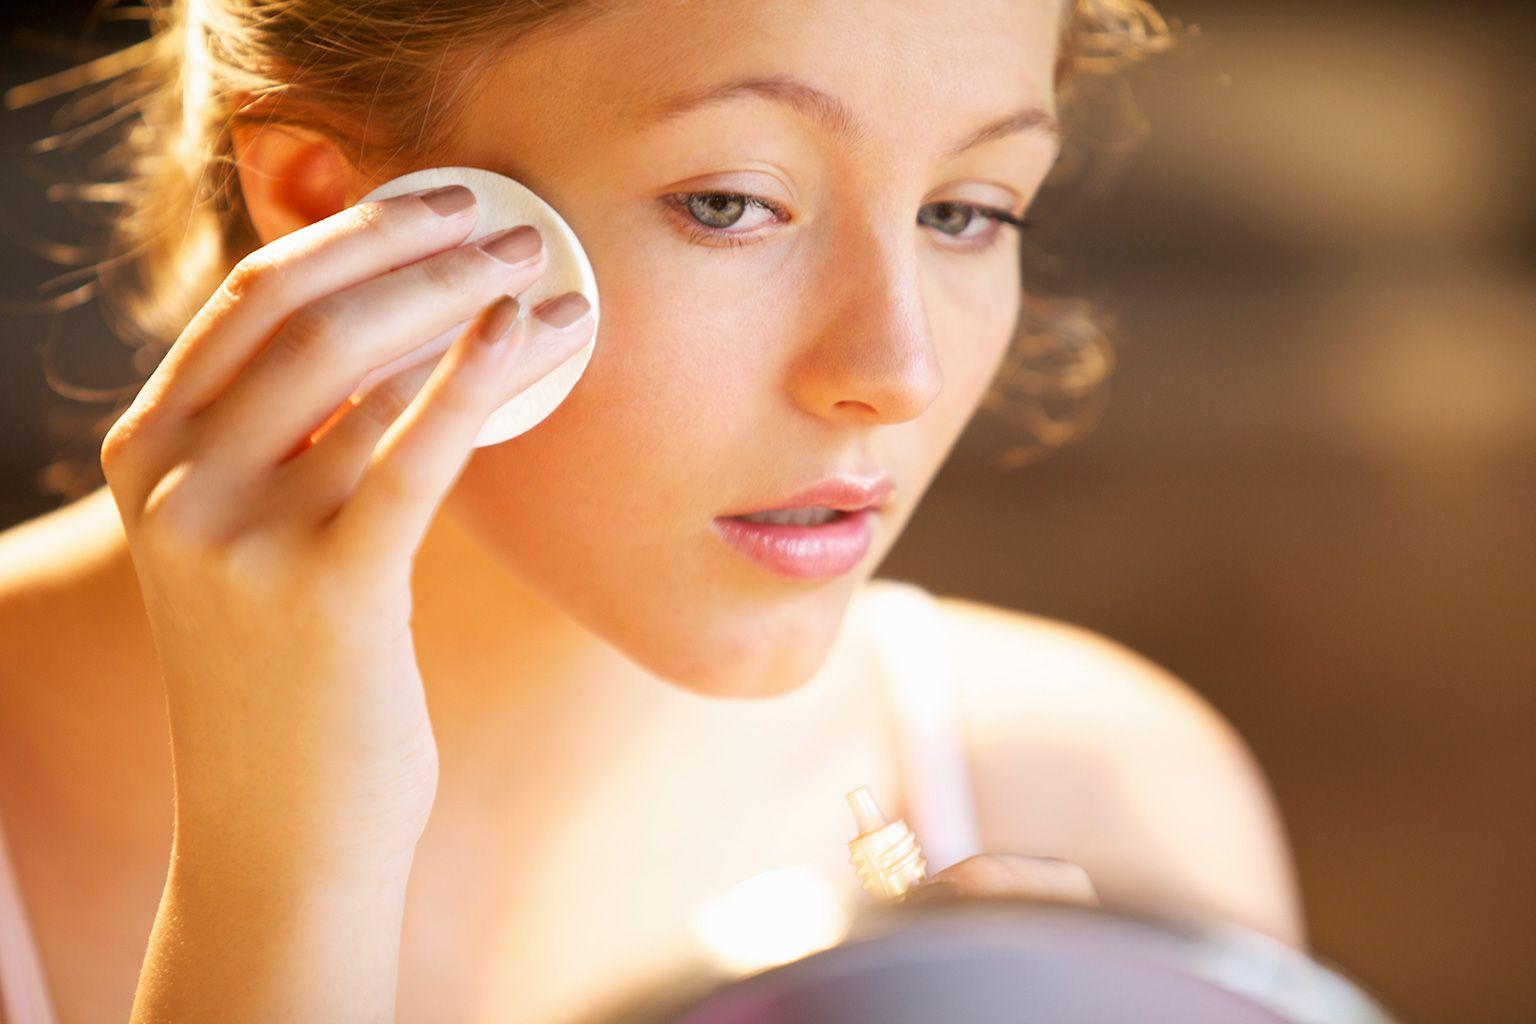 Chica joven limpiándose la piel.